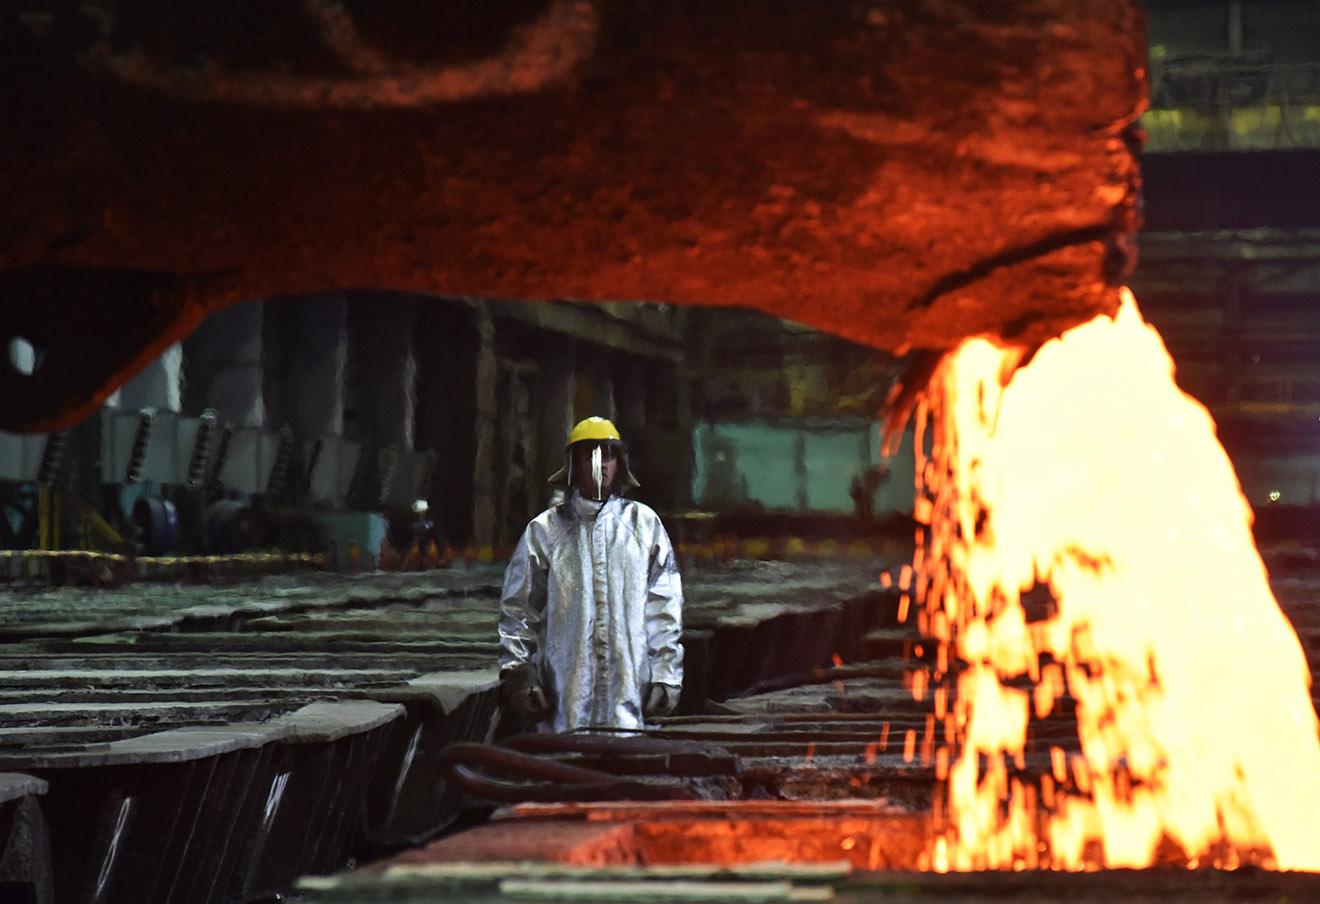 Розлив файнштейна (полуфабрикат цветных металлов) на металлургическом заводе «Надежда». Фото: Денис Кожевников / ТАСС